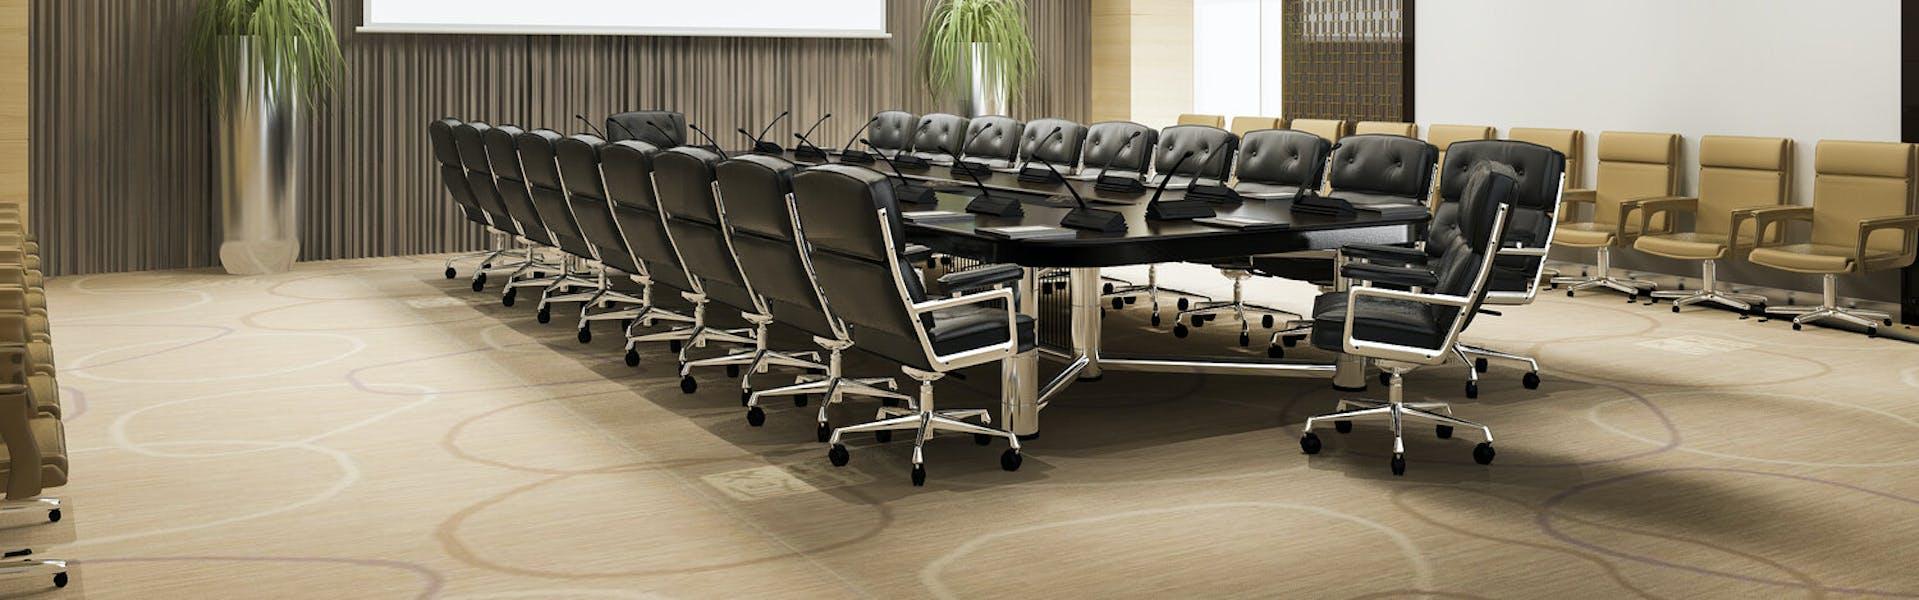 Komplett online bokningssystem för din konferenslokal